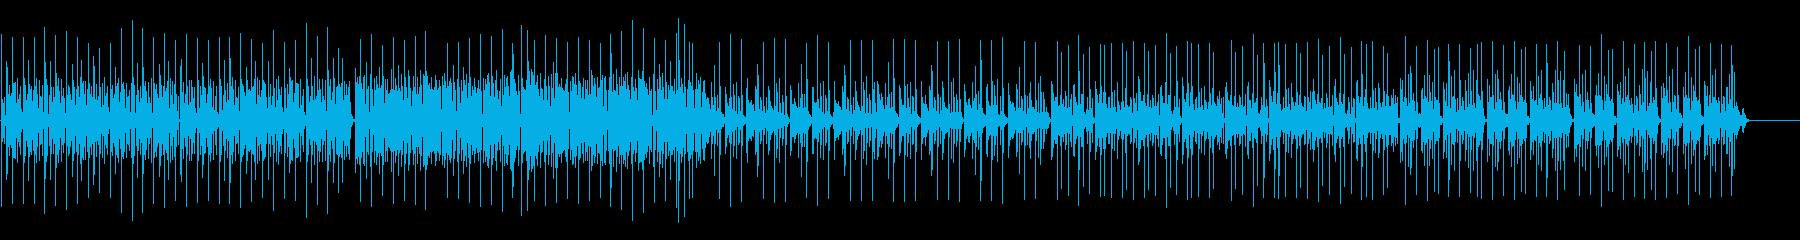 爽やかで明るいポジティブポップス_3の再生済みの波形